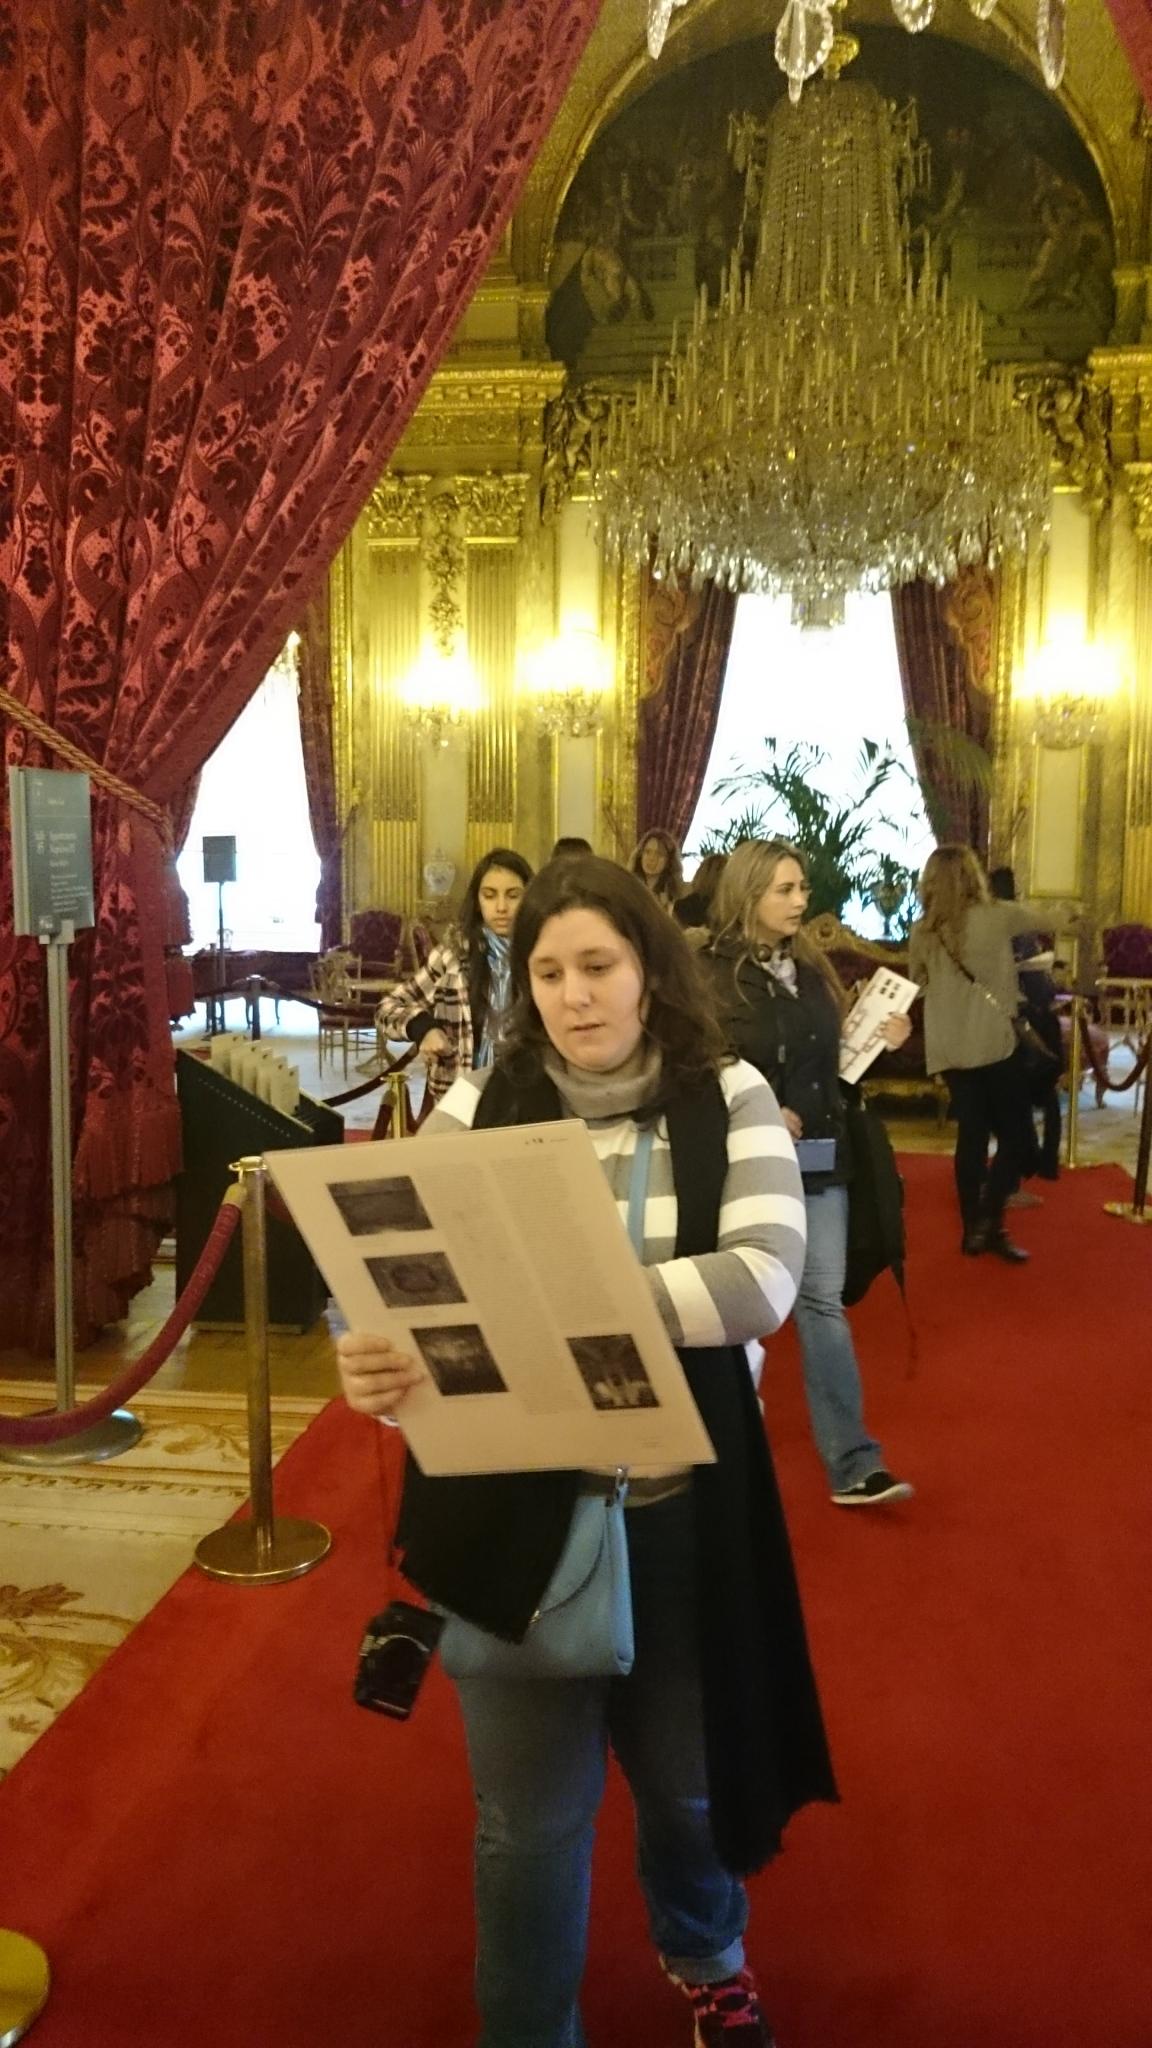 dsc 1534 - Consejos para visitar el Museo Louvre (y otros museos)